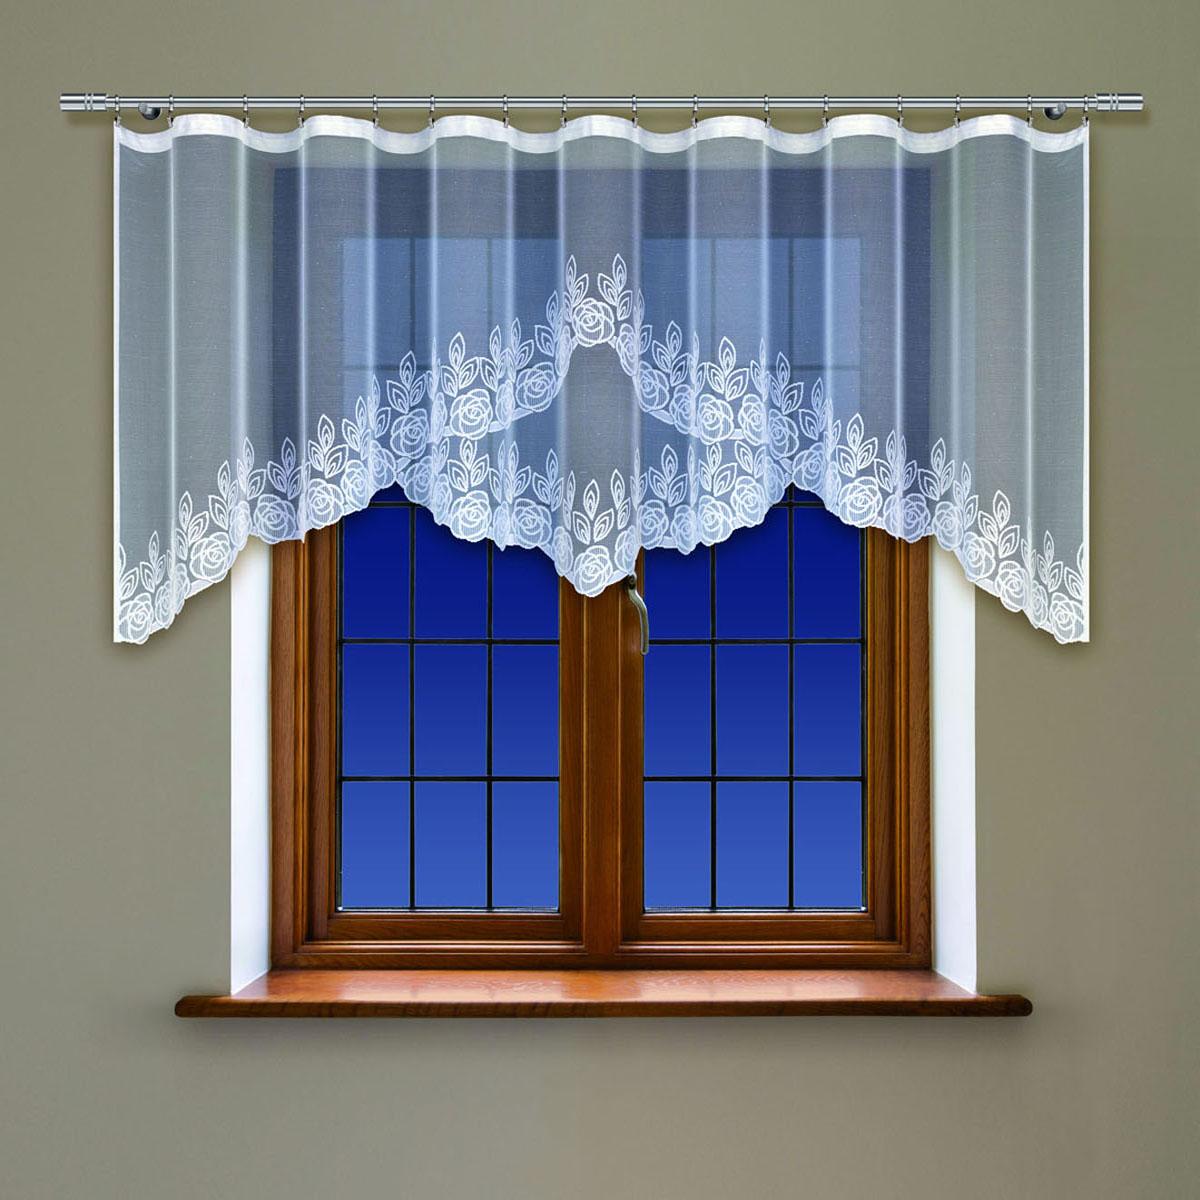 Гардина Haft, на ленте, цвет: белый, высота 90 см. 214250214250/90Гардина Haft, изготовленная из полиэстера, станет великолепным украшением любого окна. Тонкое плетение и оригинальный дизайн привлекут к себе внимание. Изделие органично впишется в интерьер. Гардина крепится на карниз при помощи ленты, которая поможет красиво и равномерно задрапировать верх.